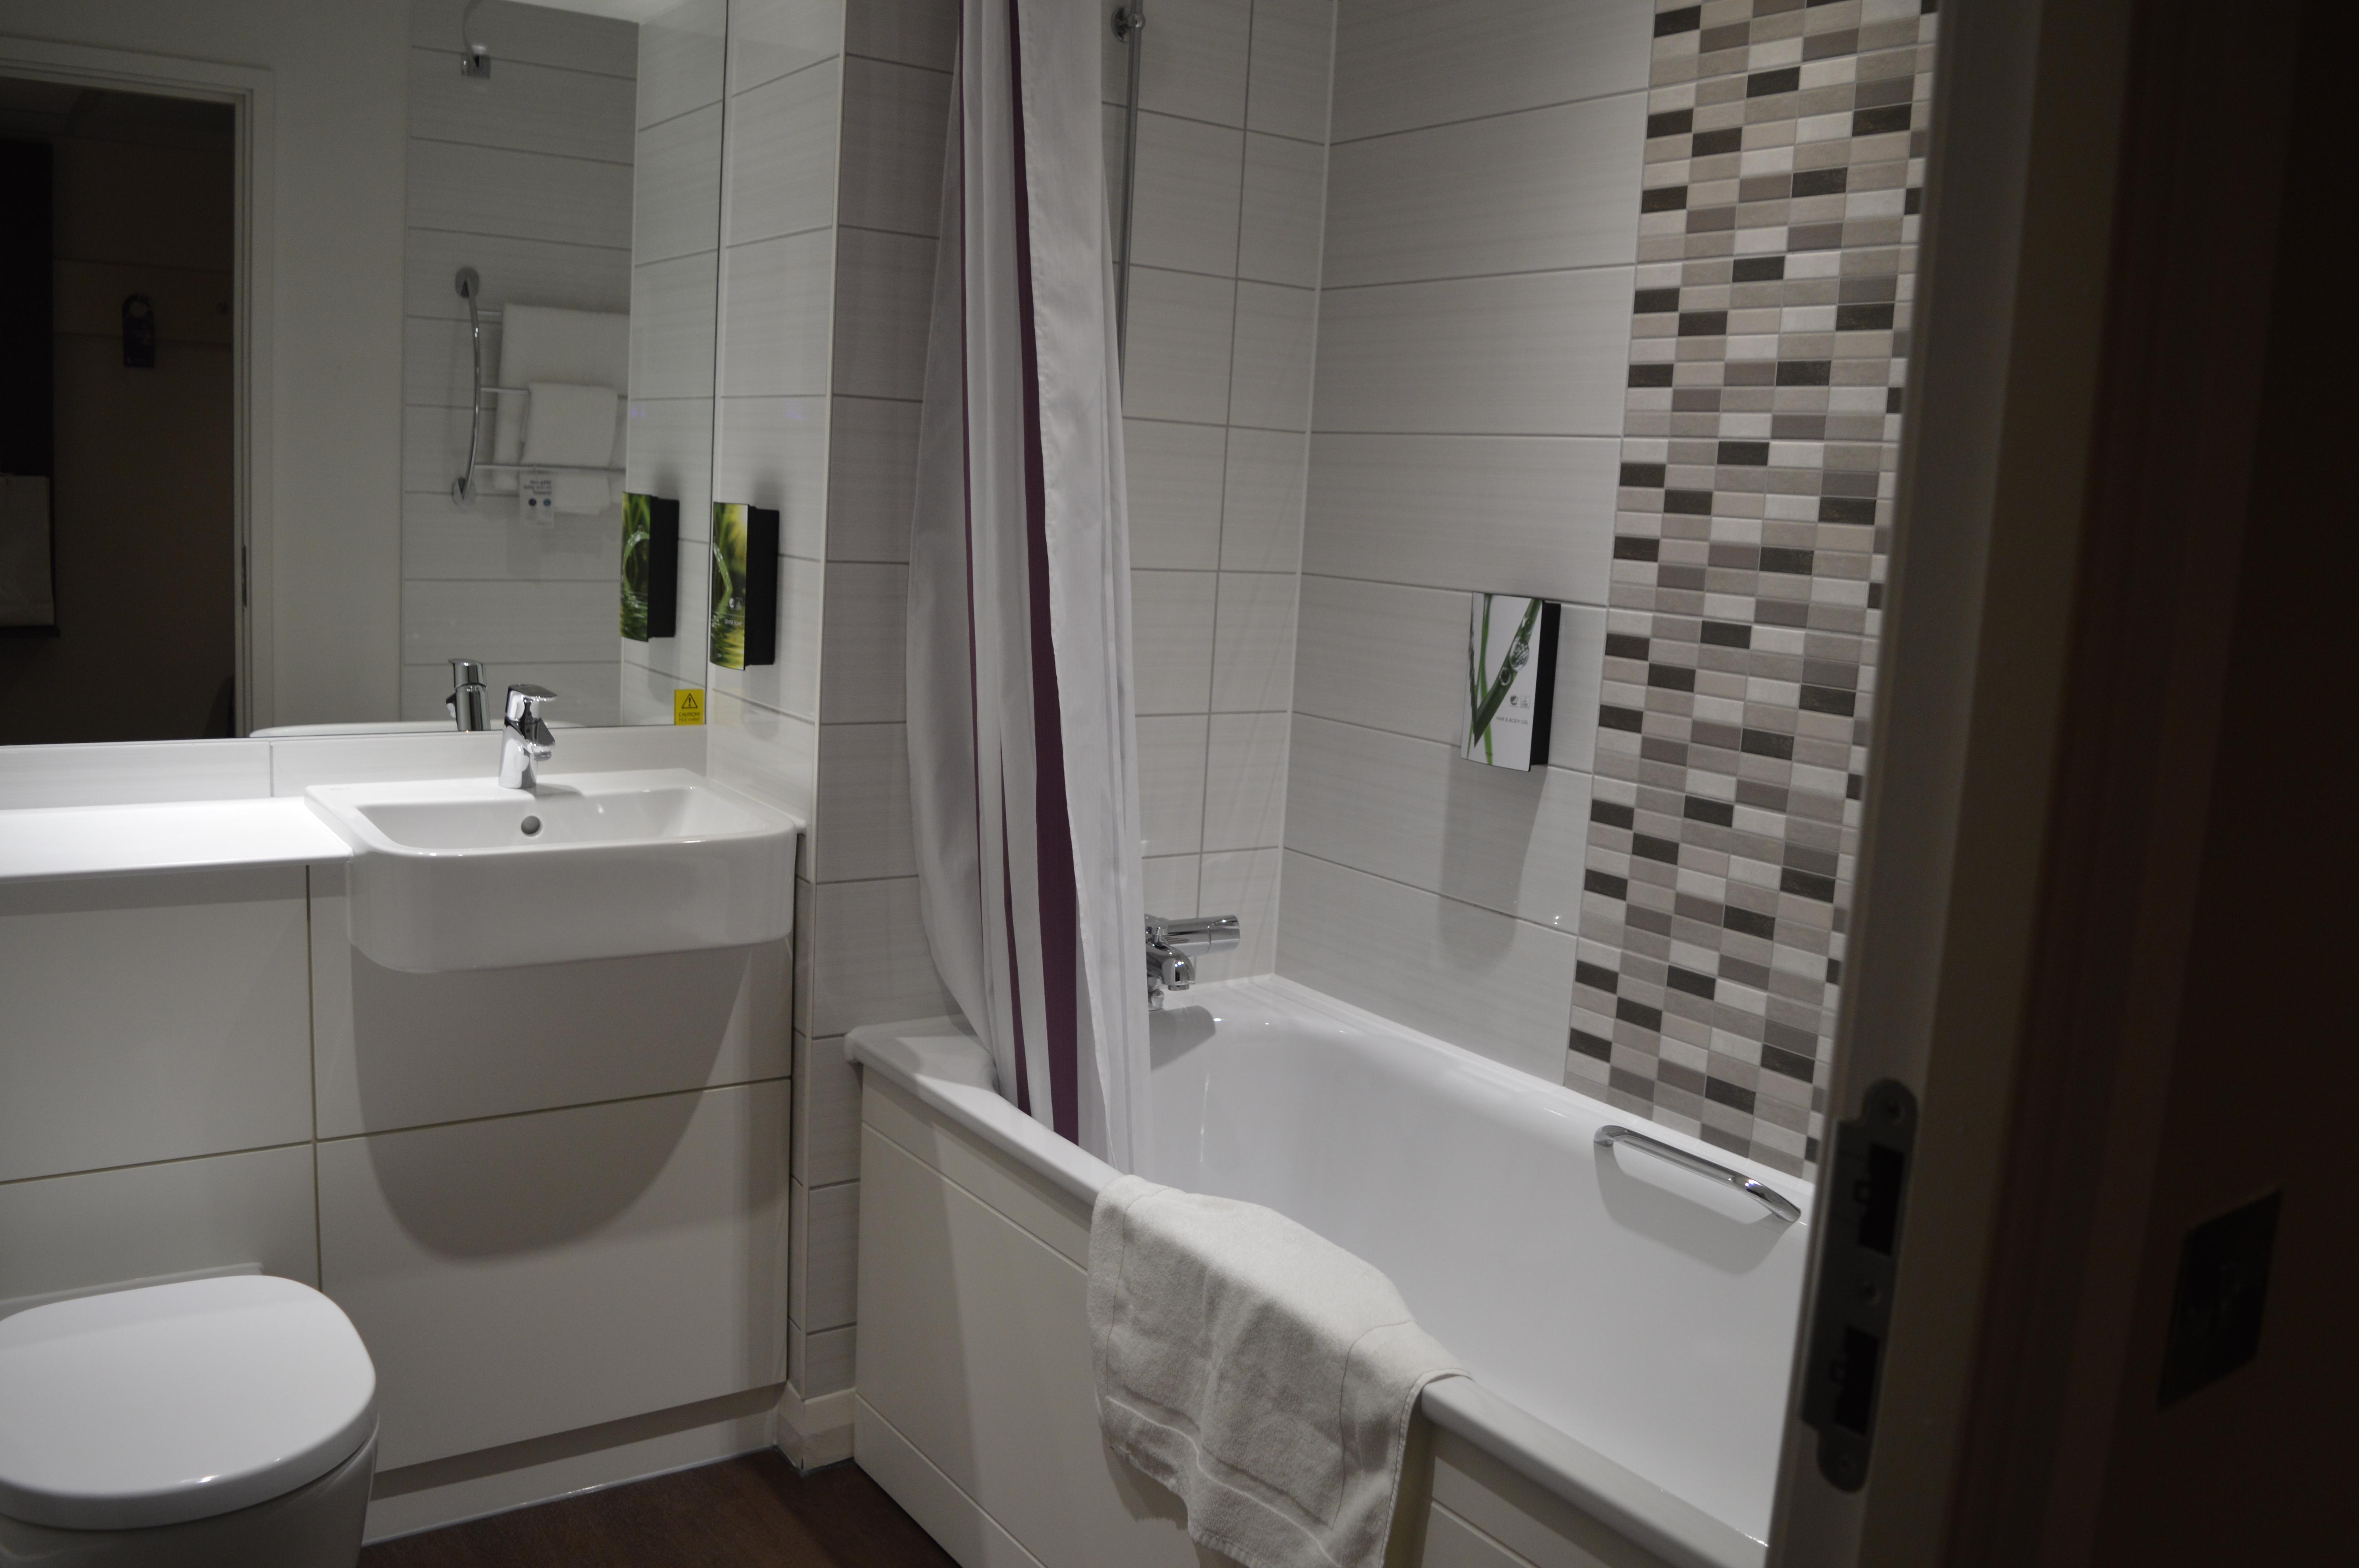 Archway Premier Inn Bathroom